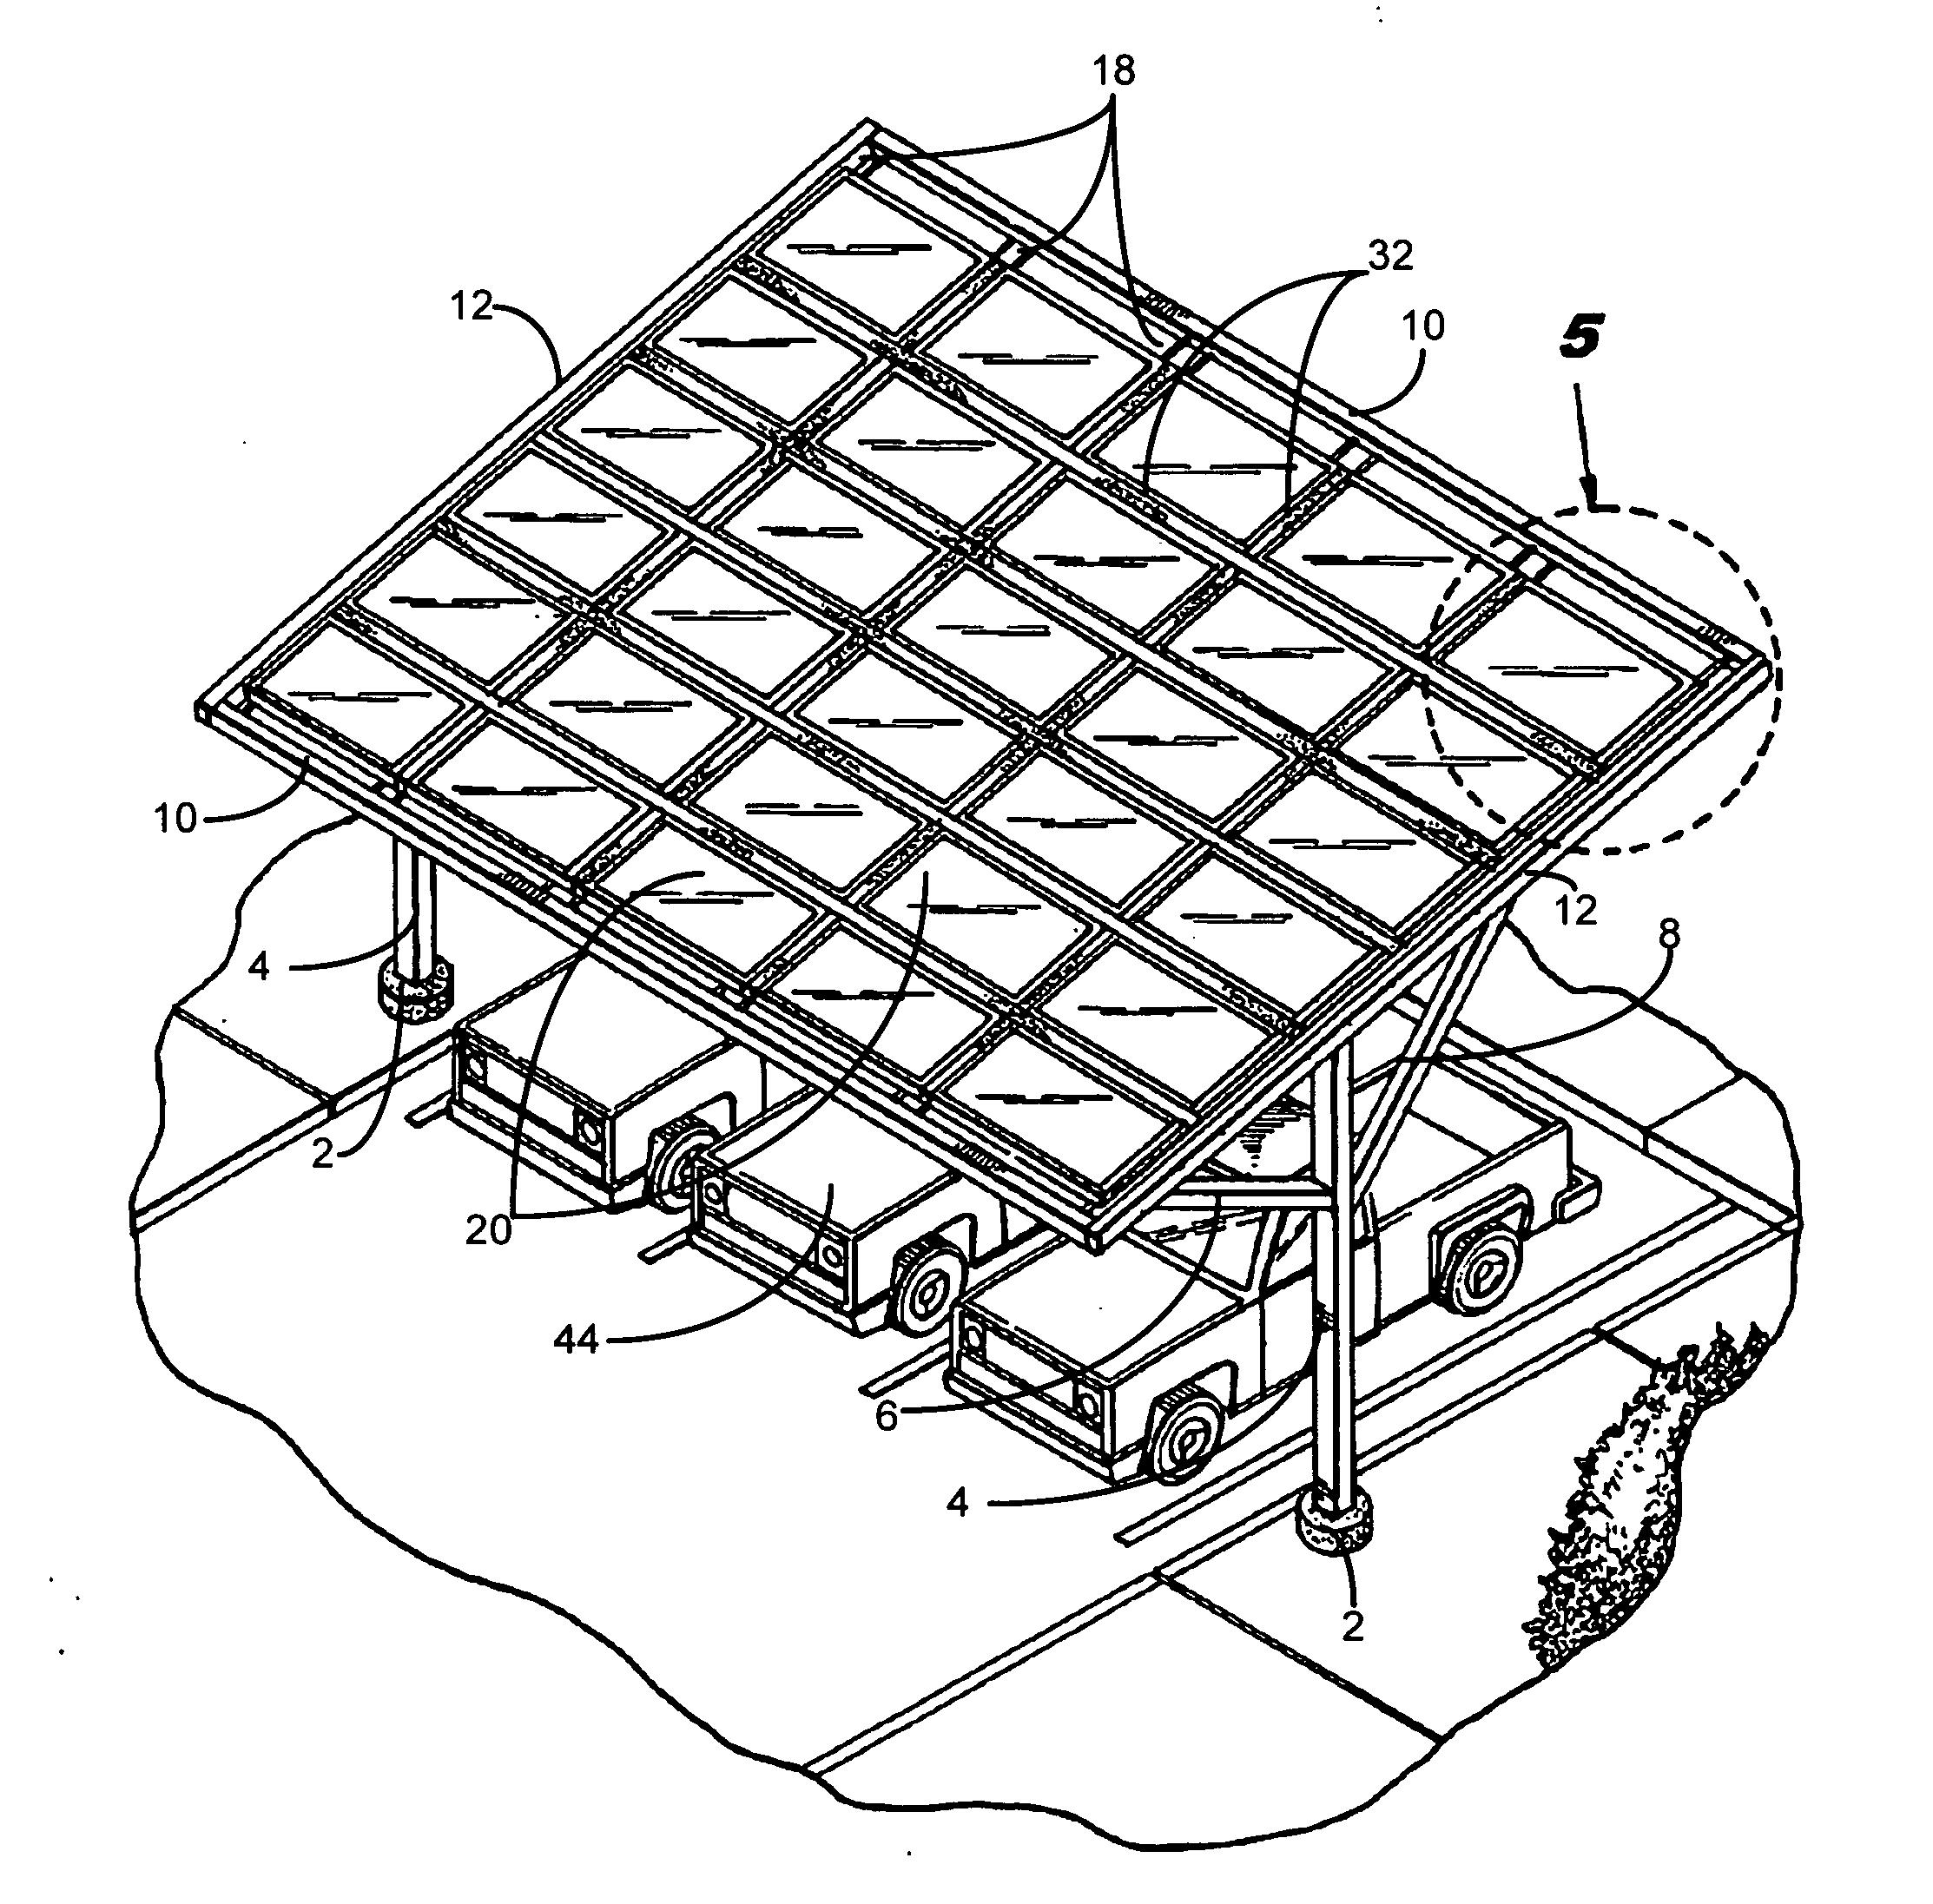 patent us20110290305